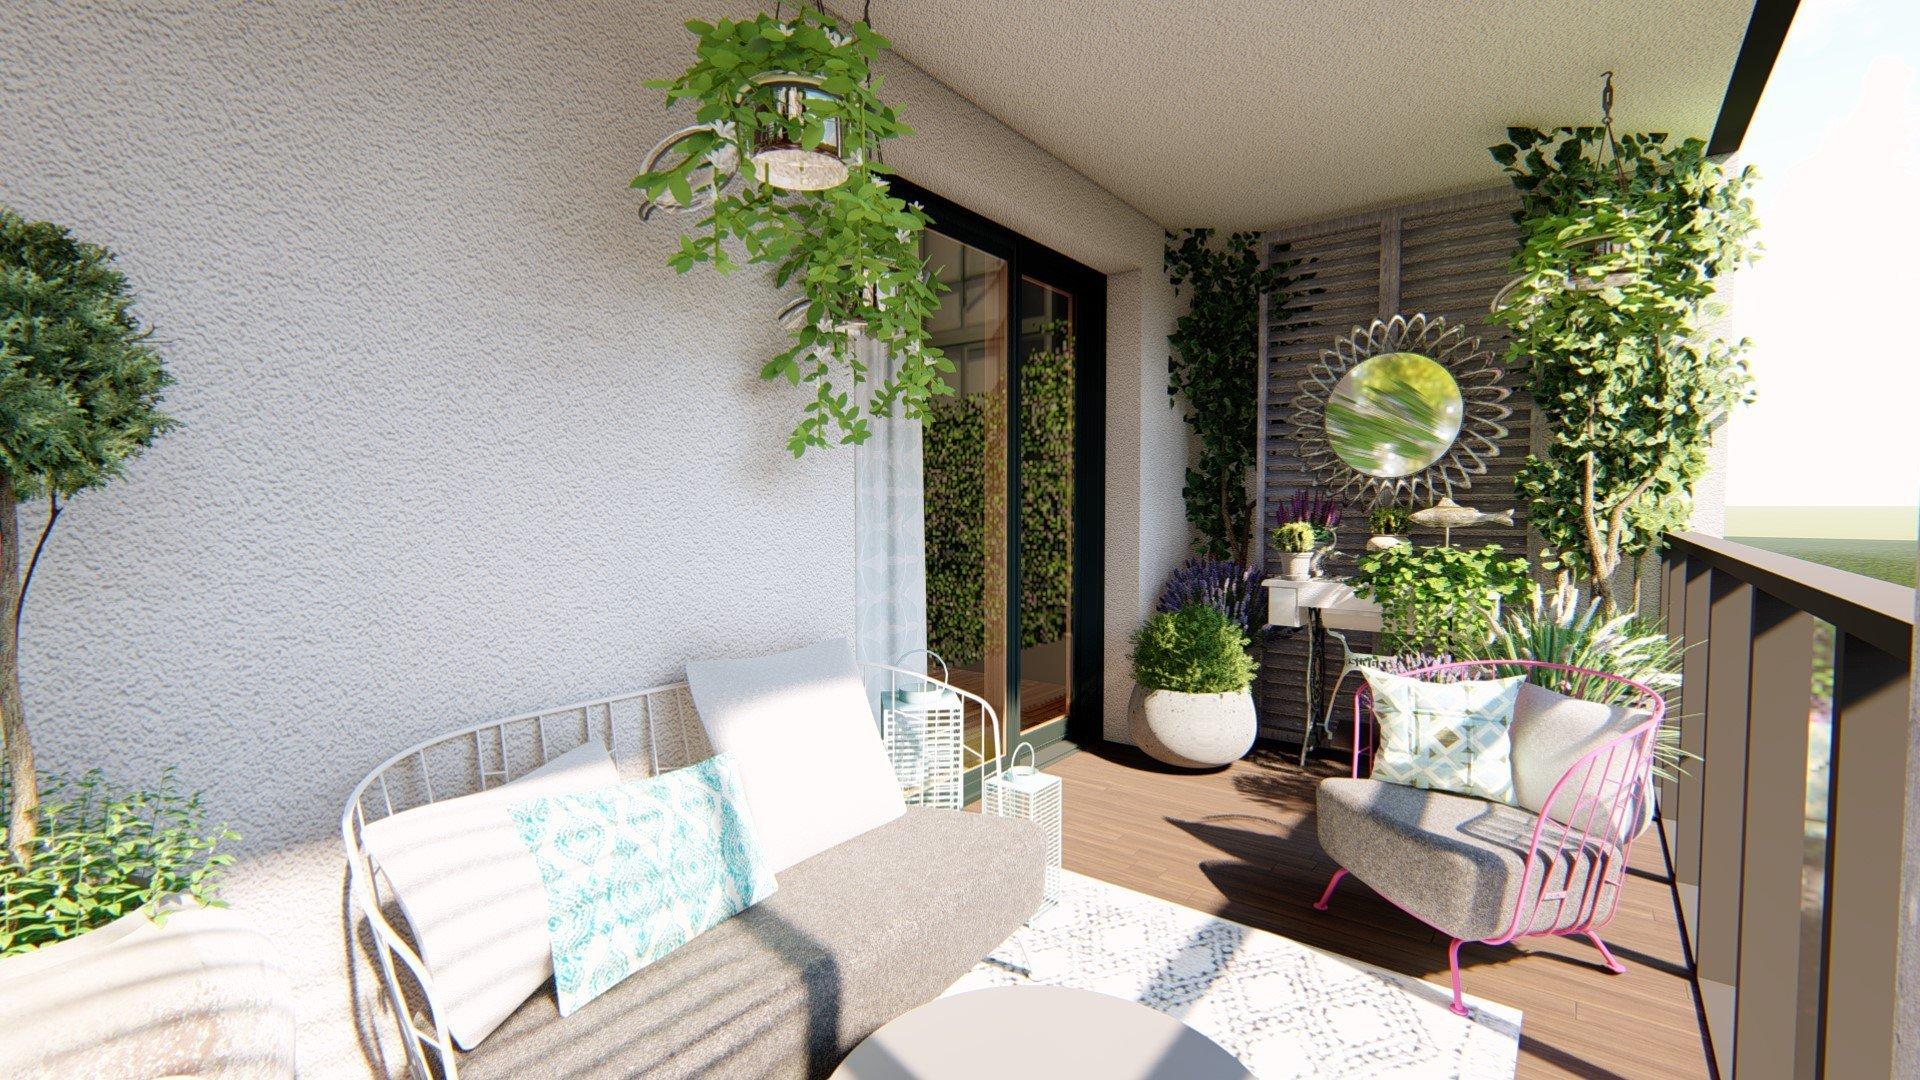 Balkon je v současné době amatérsky upravený, nachází se na něm malé posezení, dekorace v podobě šicího stroje a několik květináčů a truhlíků se zelení.…